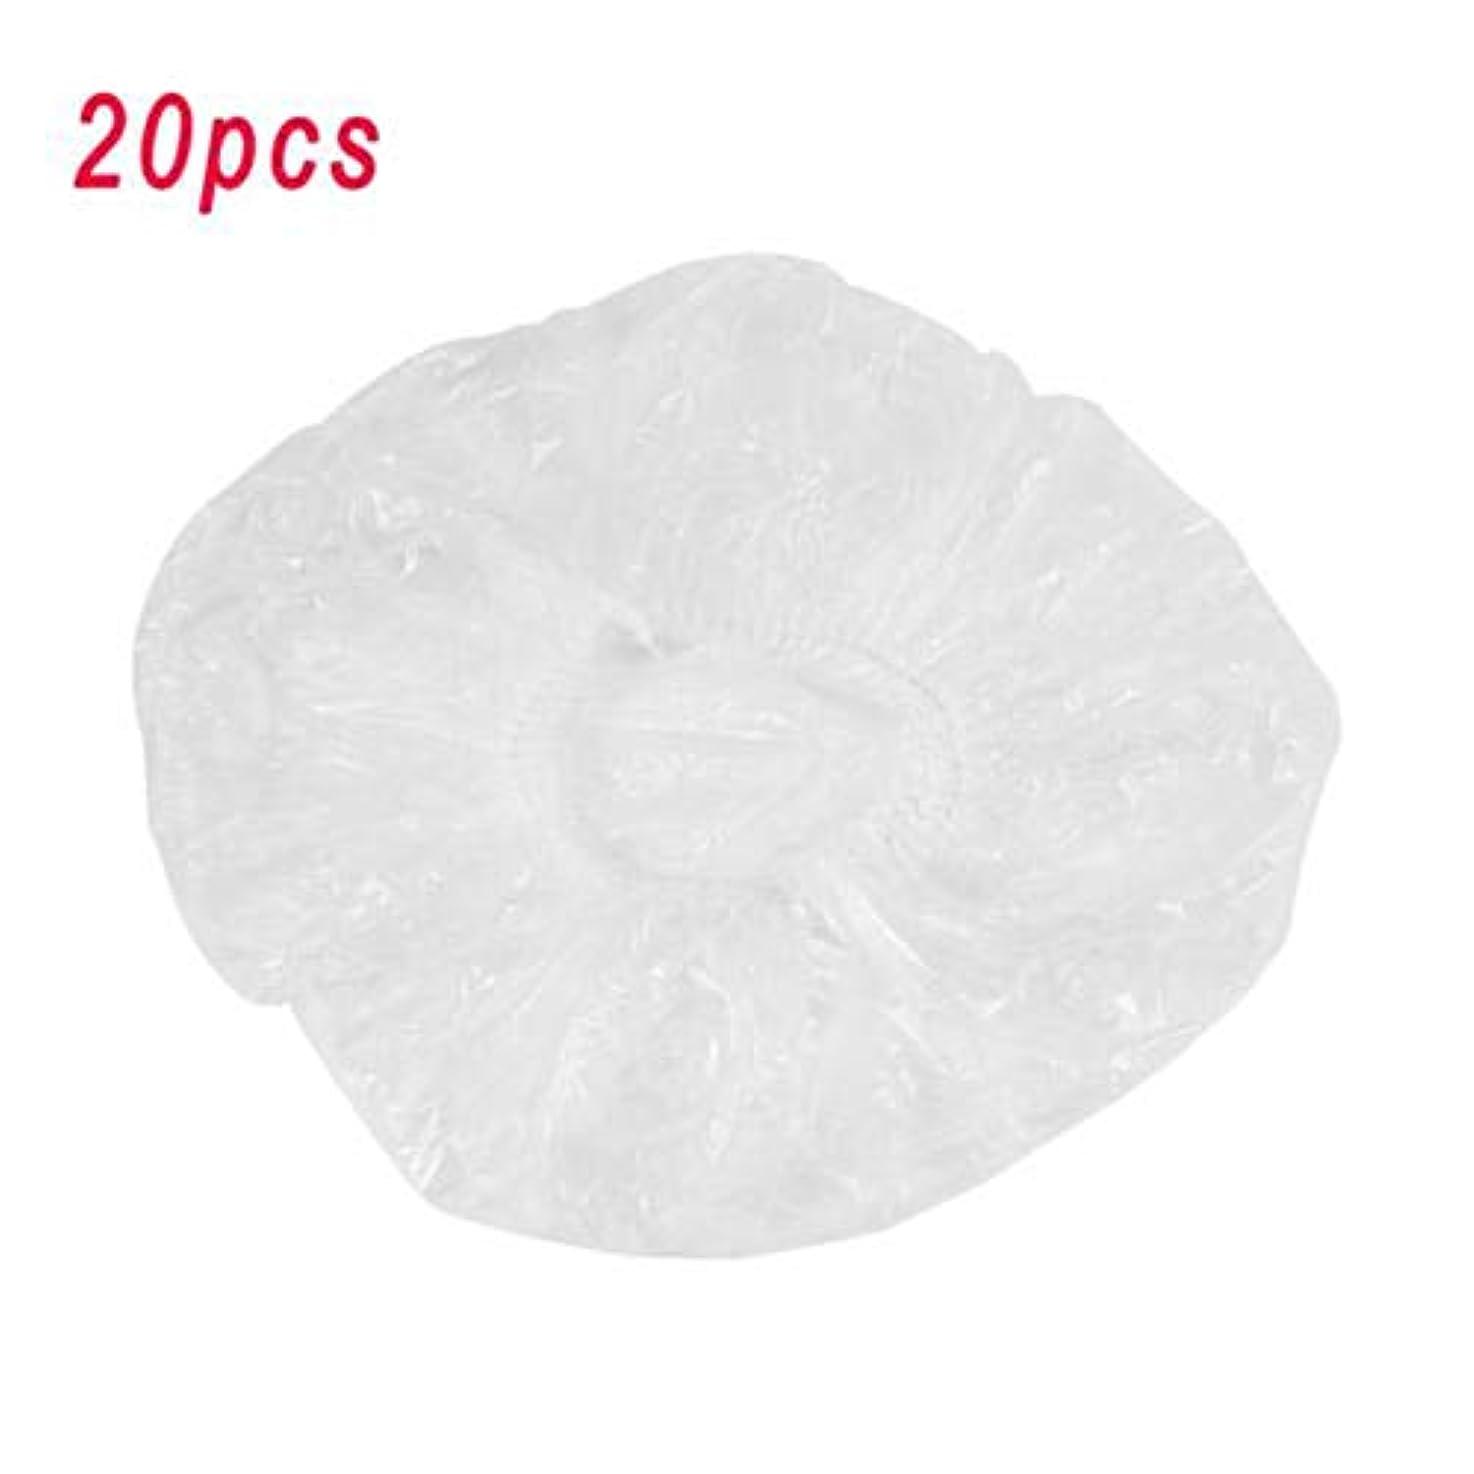 土砂降り印刷する地域使い捨てシャワーキャップ 20枚セット 化粧帽 髪を染める 透明 油煙を防ぐ 浴用帽子